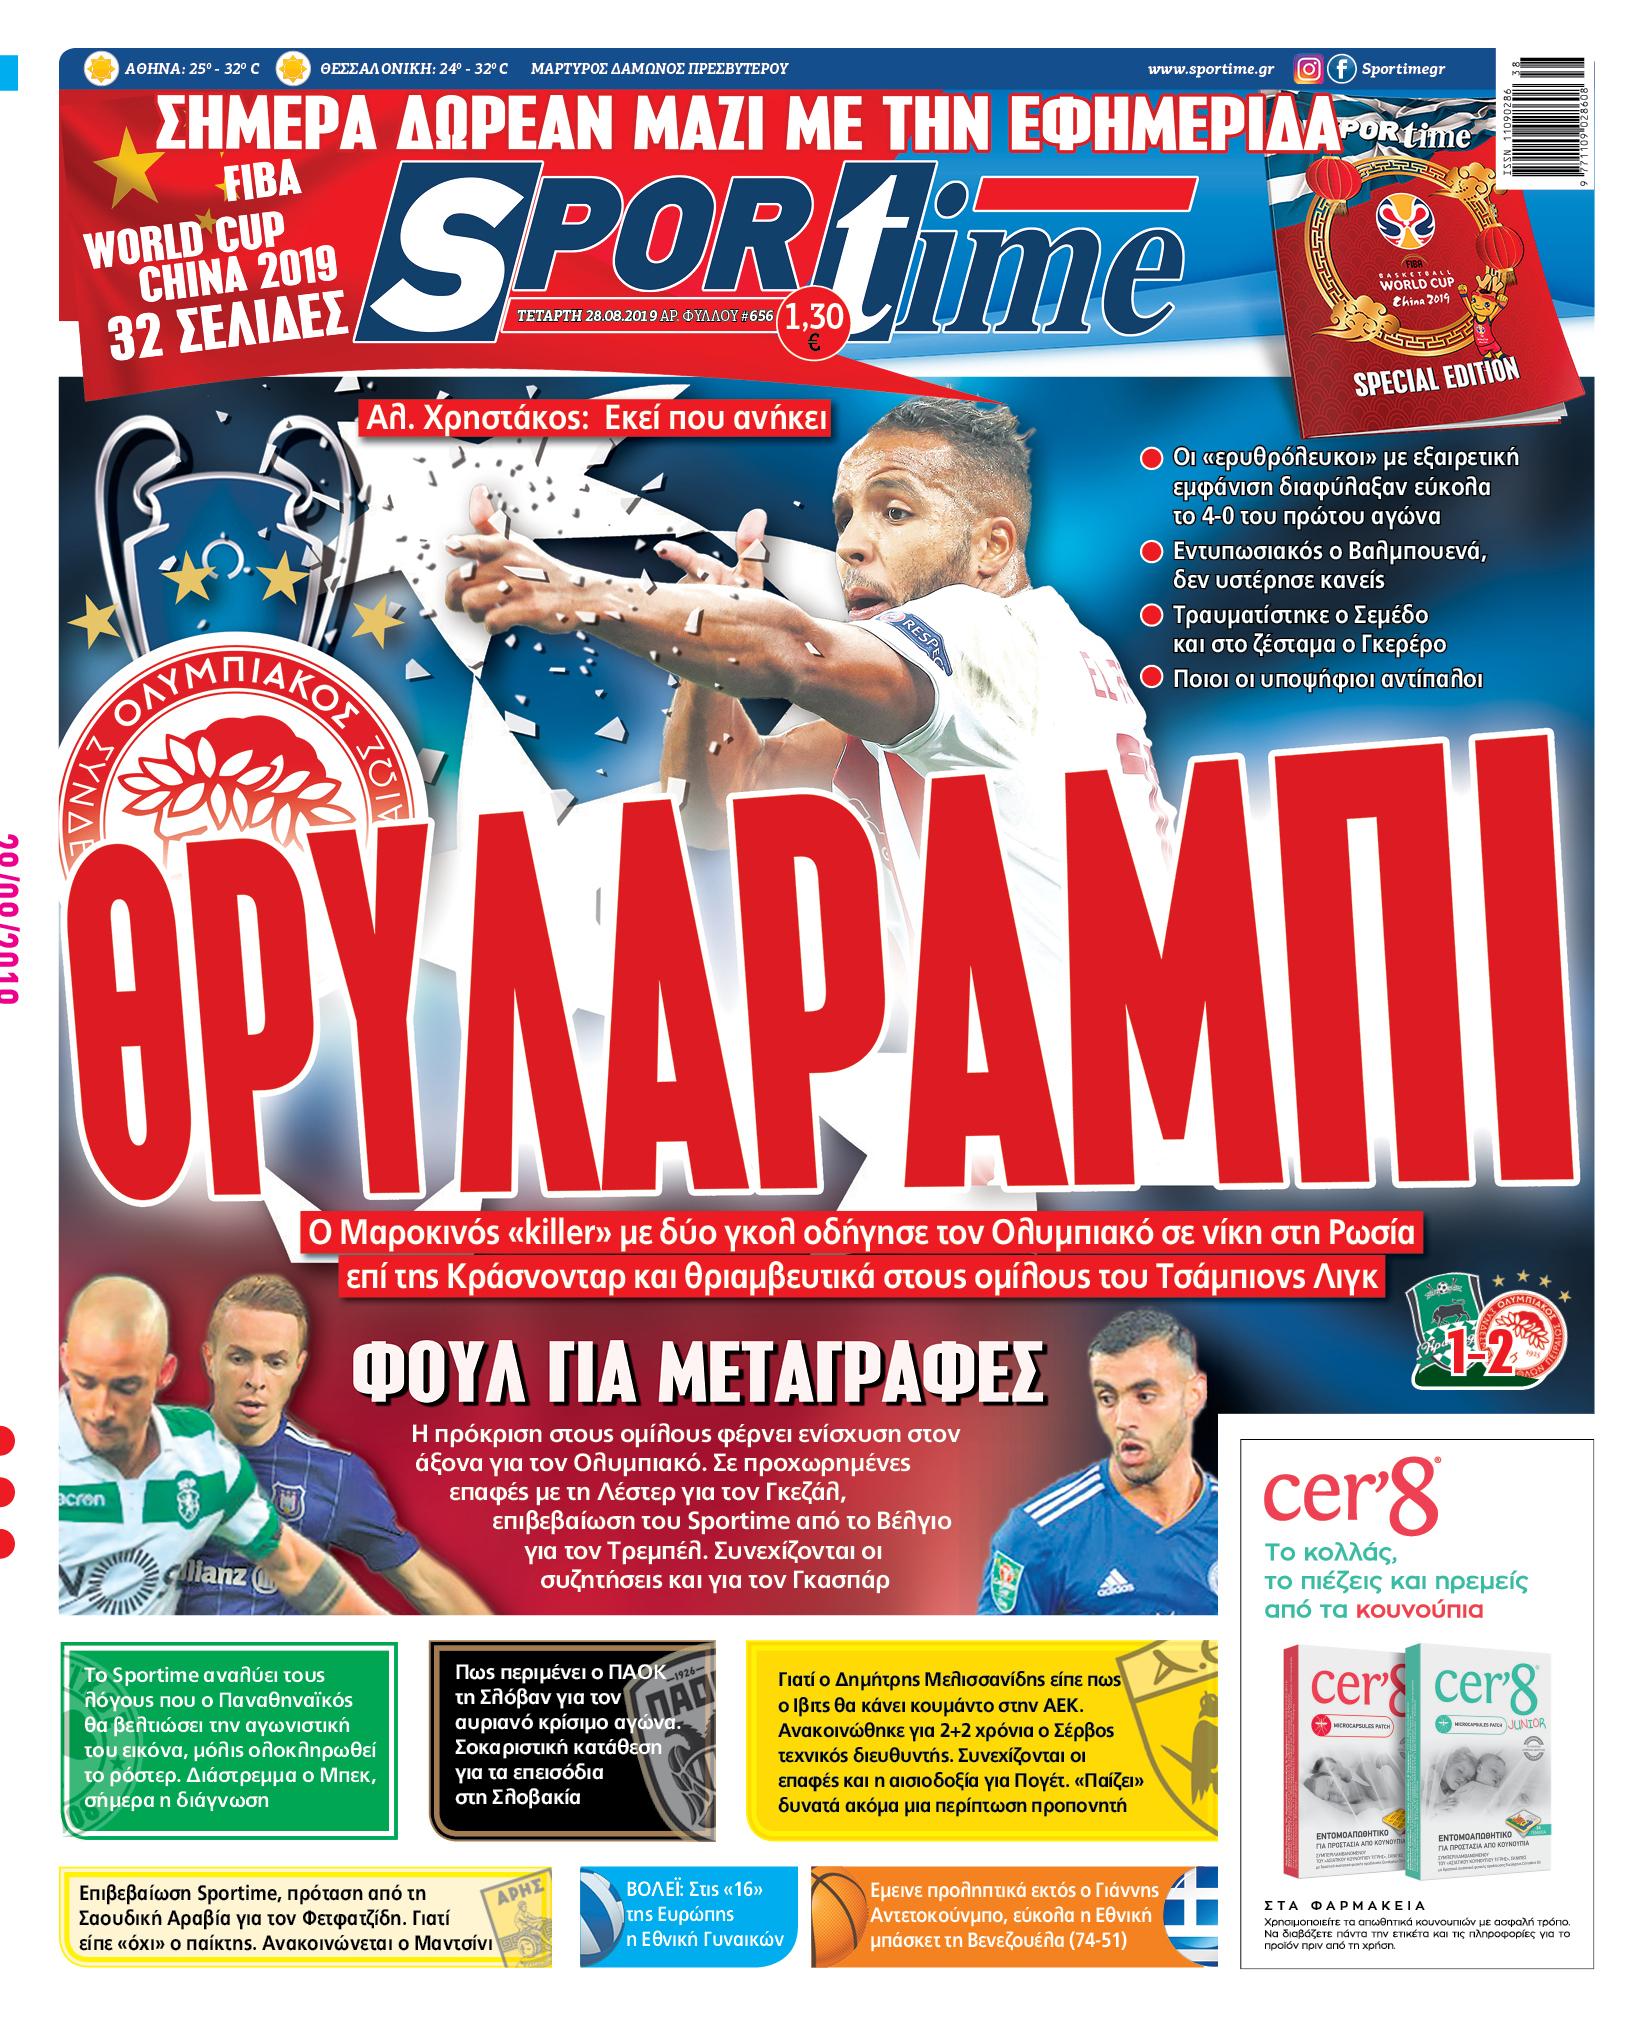 Εφημερίδα SPORTIME - Εξώφυλλο φύλλου 28/8/2019